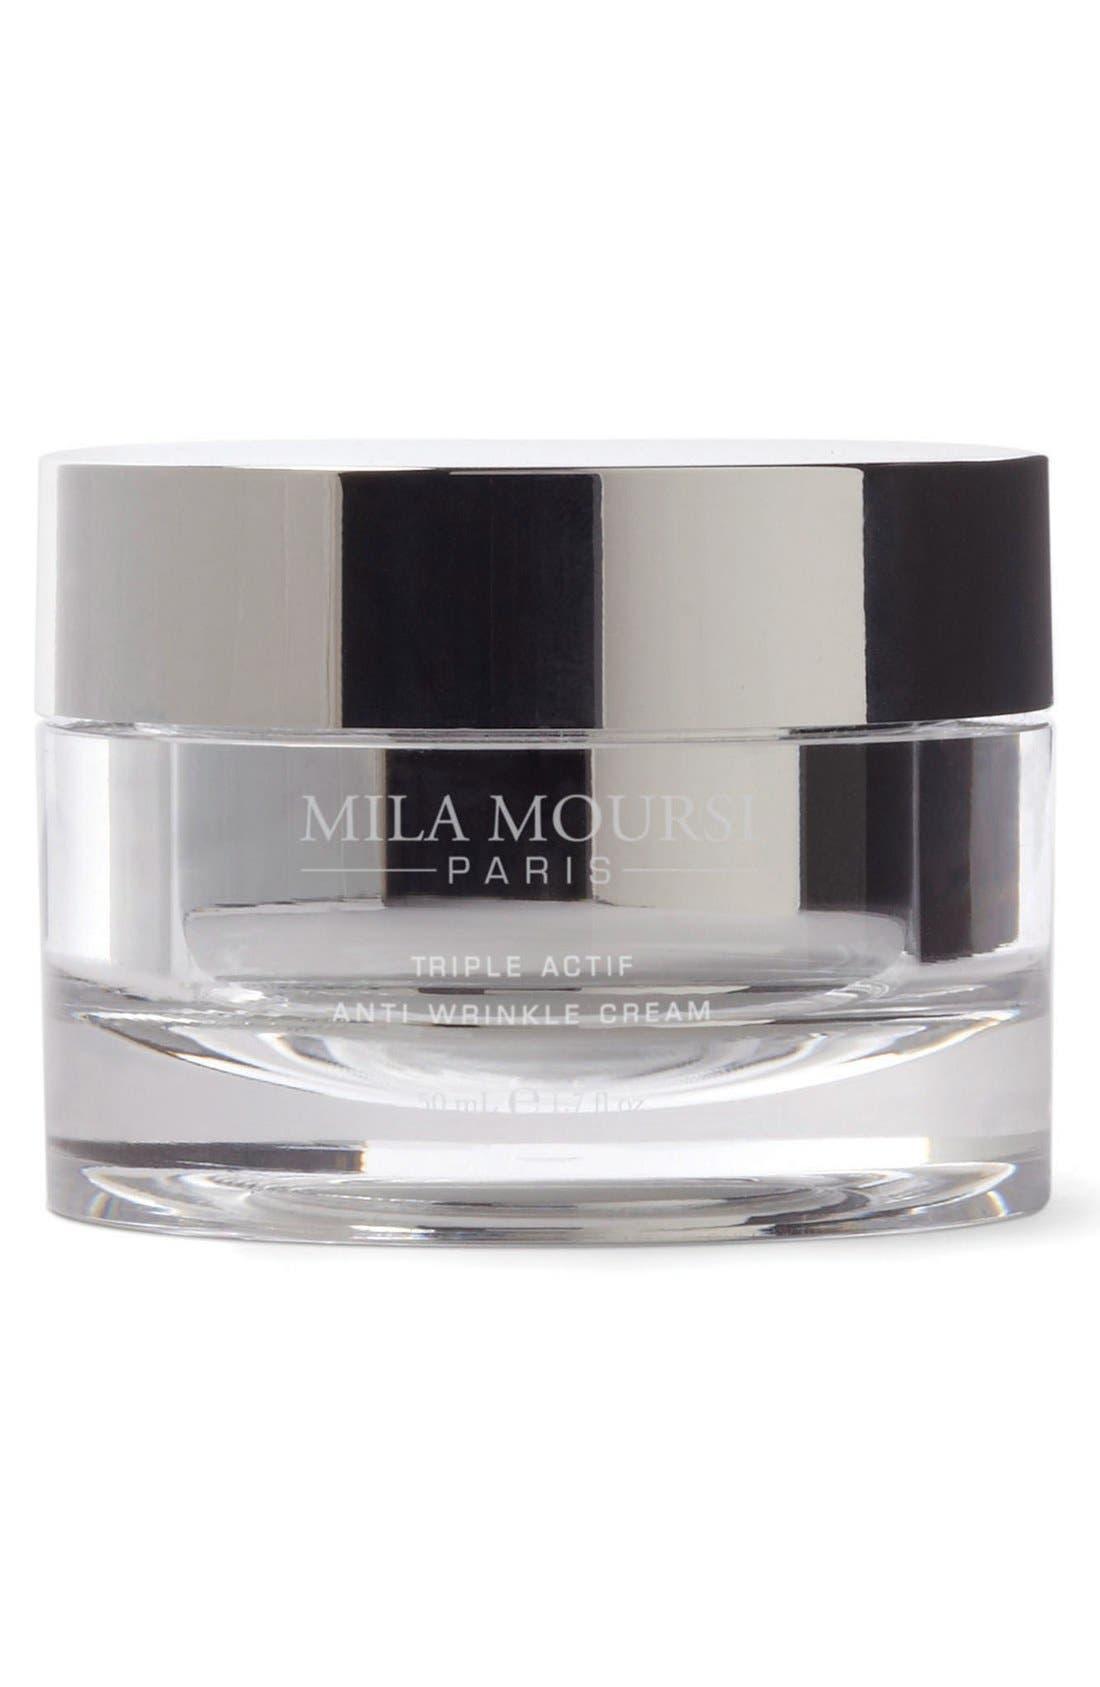 SPACE.NK.apothecary Mila Moursi Triple Actif Anti-Wrinkle Cream